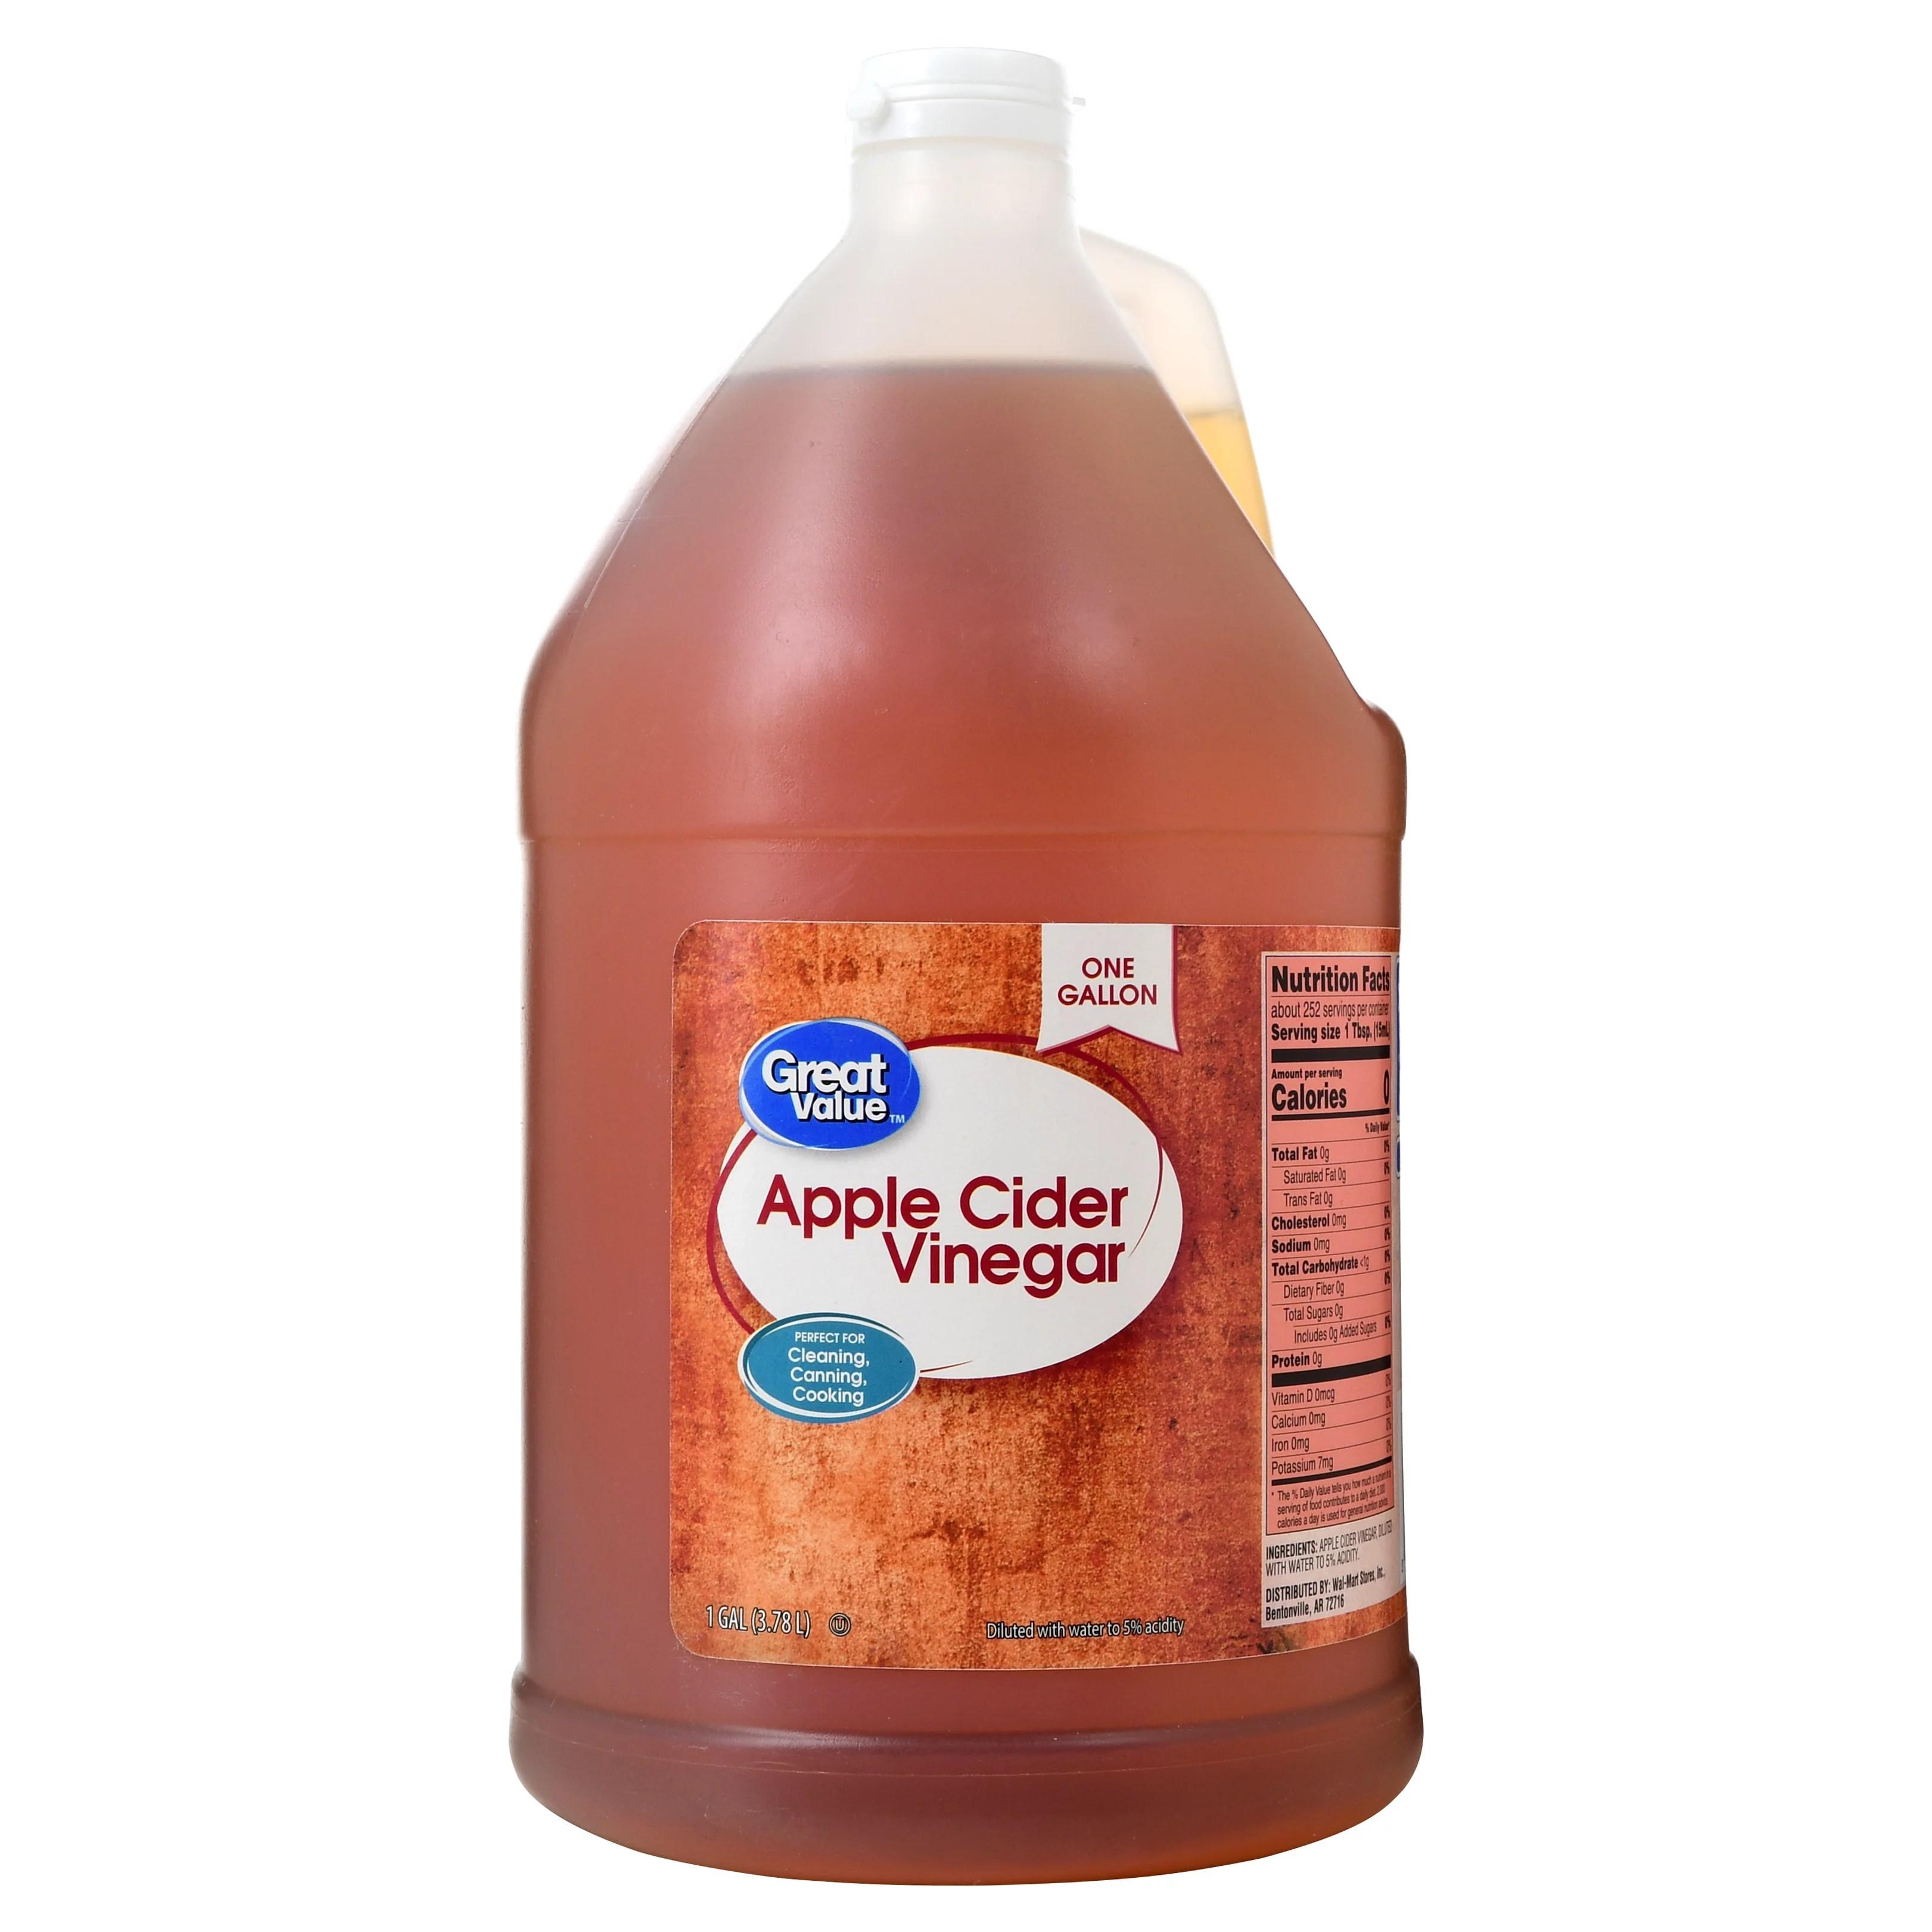 Great Value Apple Cider Vinegar, 1 gal - Walmart.com